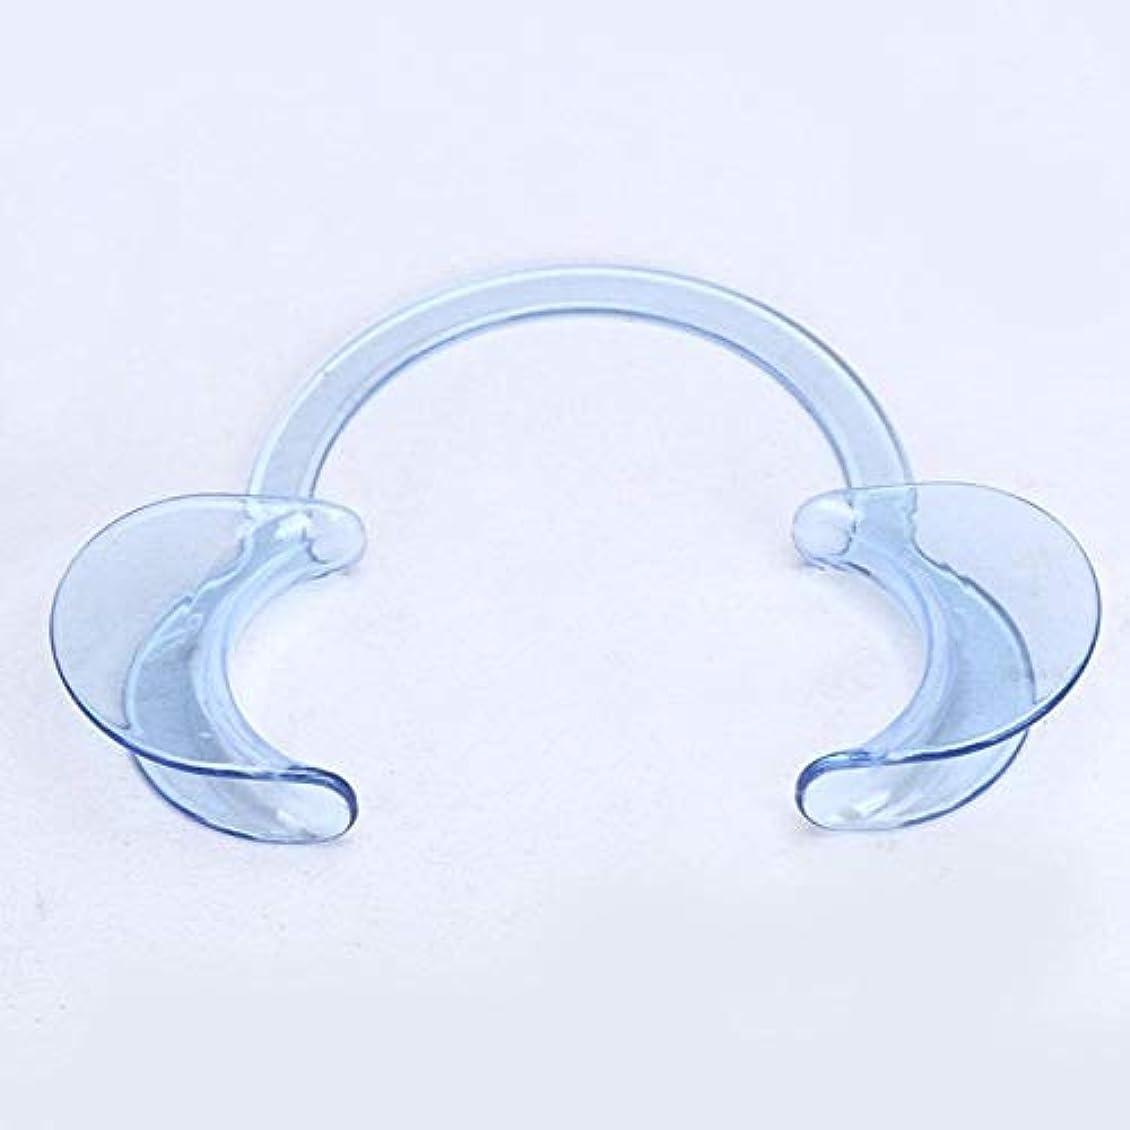 ステージ原稿招待DC パック 歯科 C型 開口器 口オープナー マウスオープナー 開口マウスオープナー C型ホワイトニング口の開創器